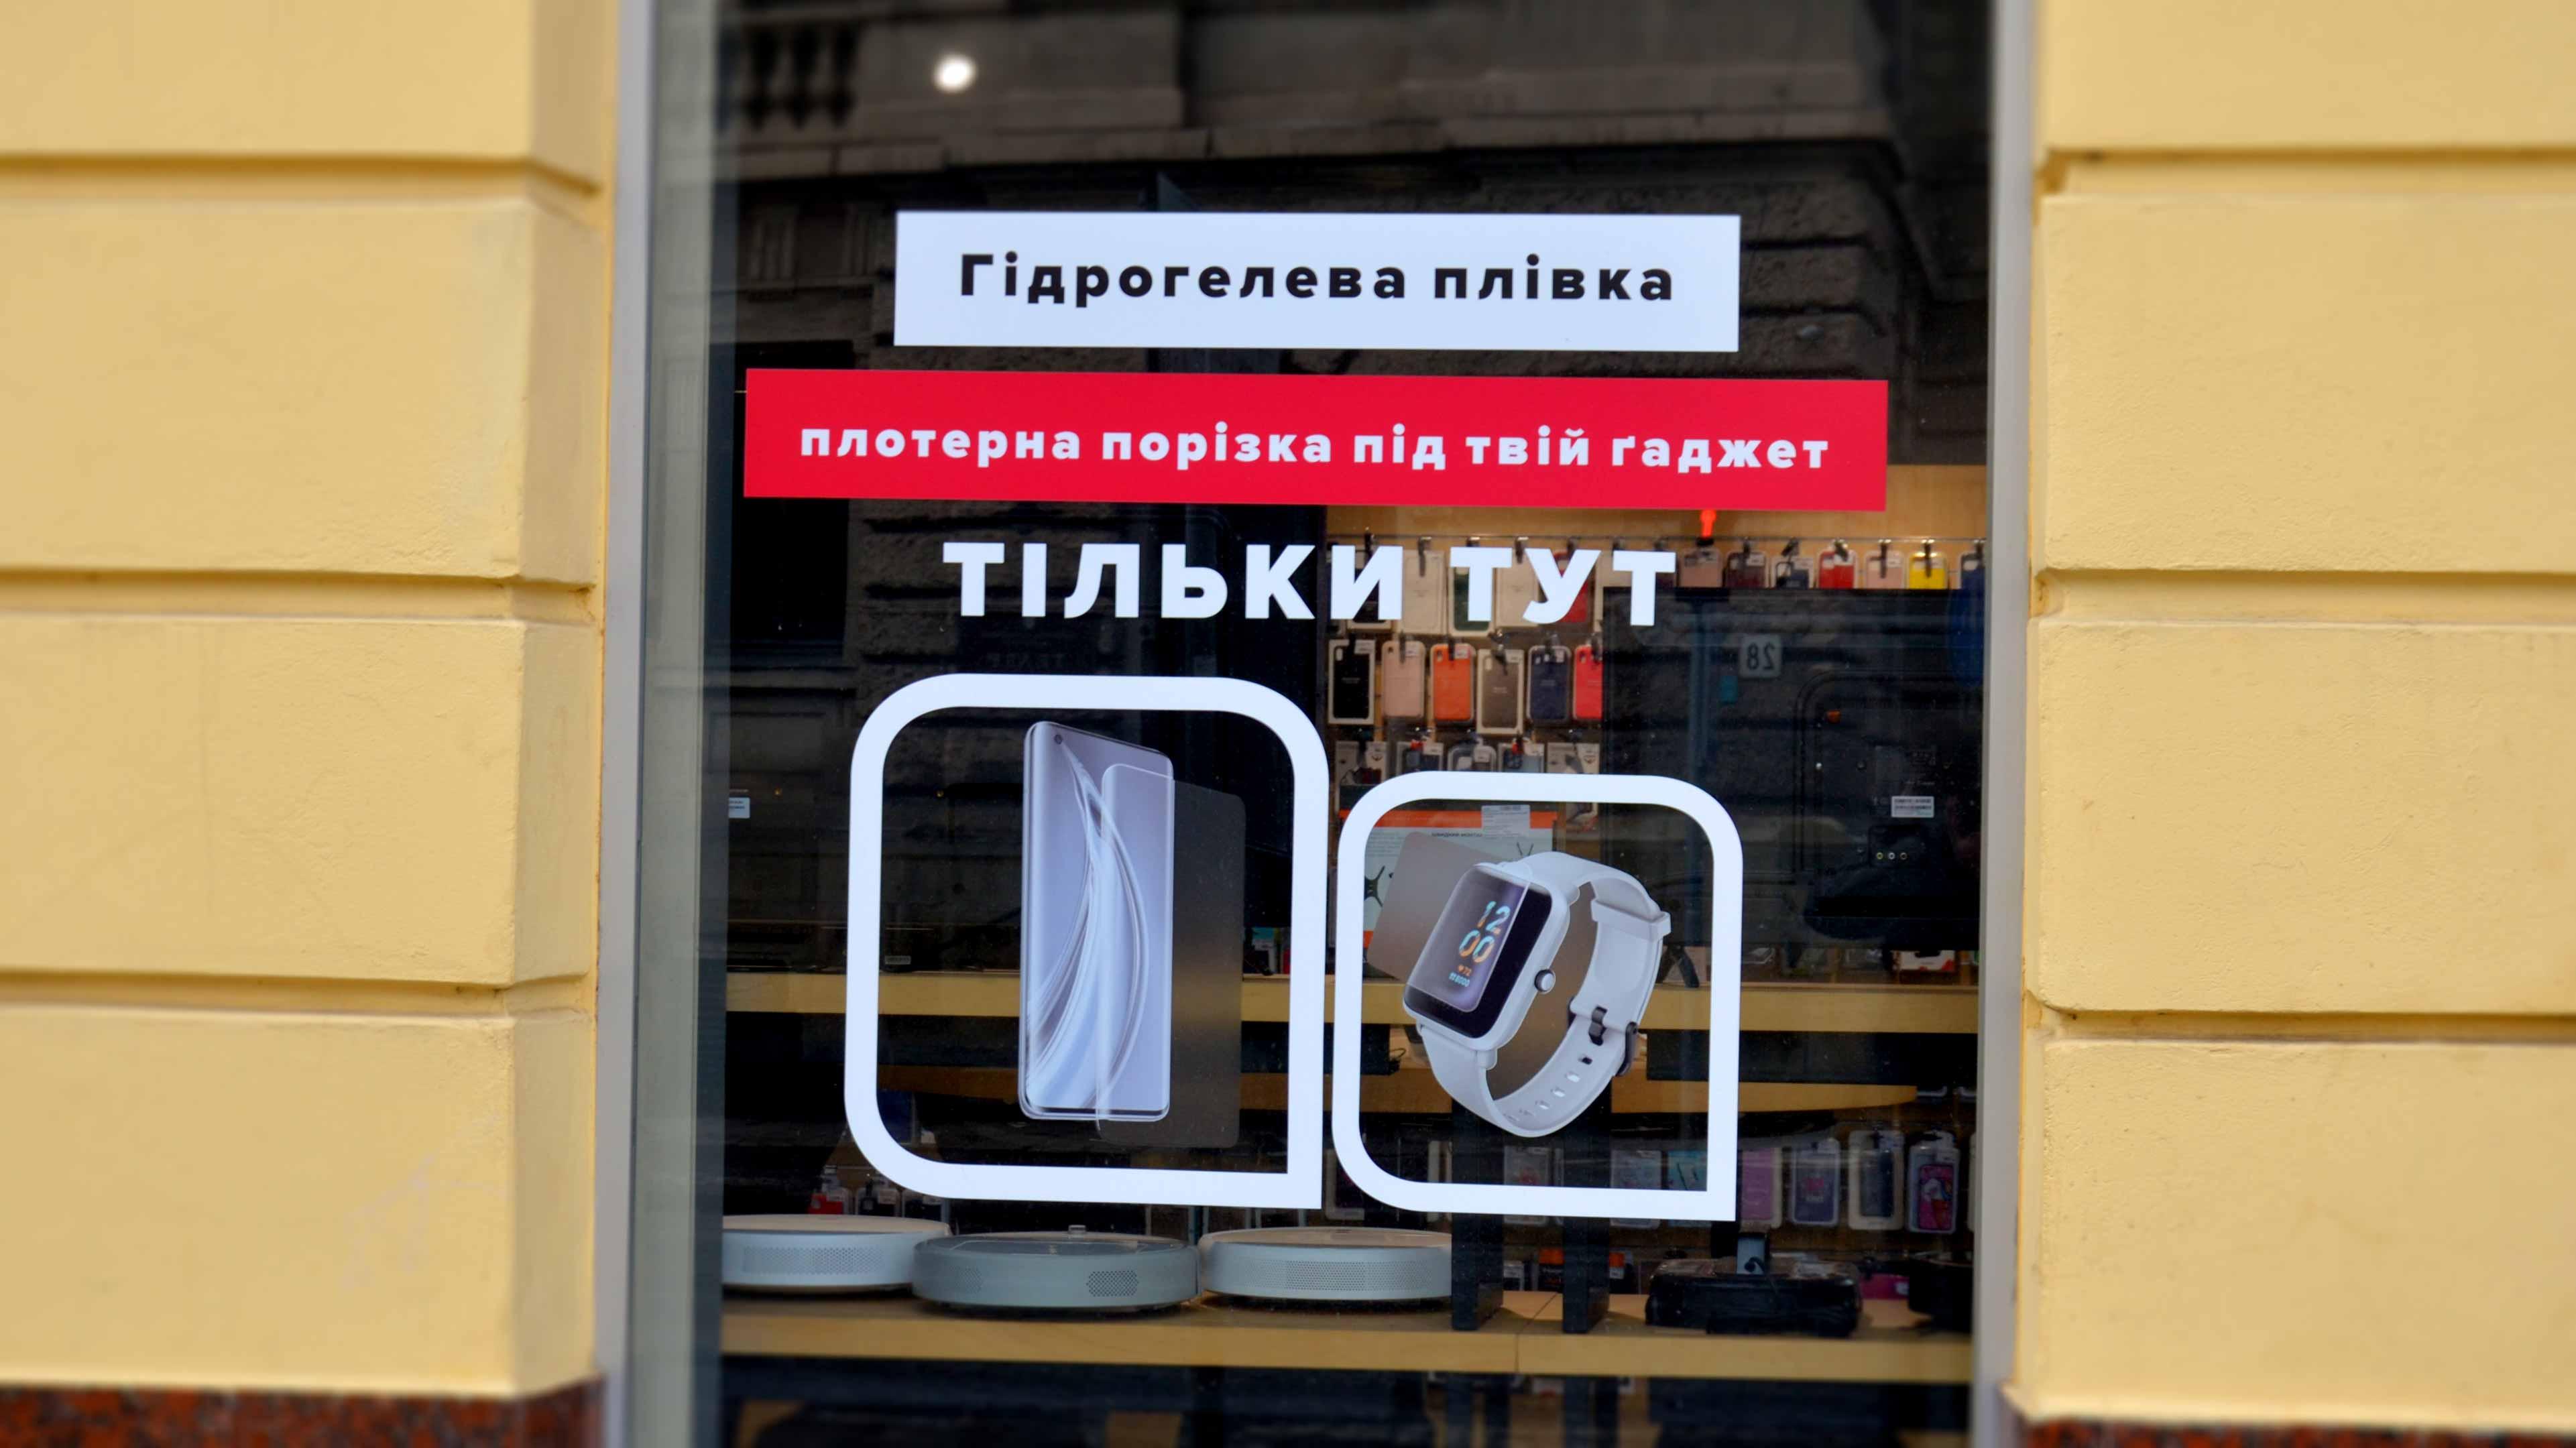 вітрина магазину